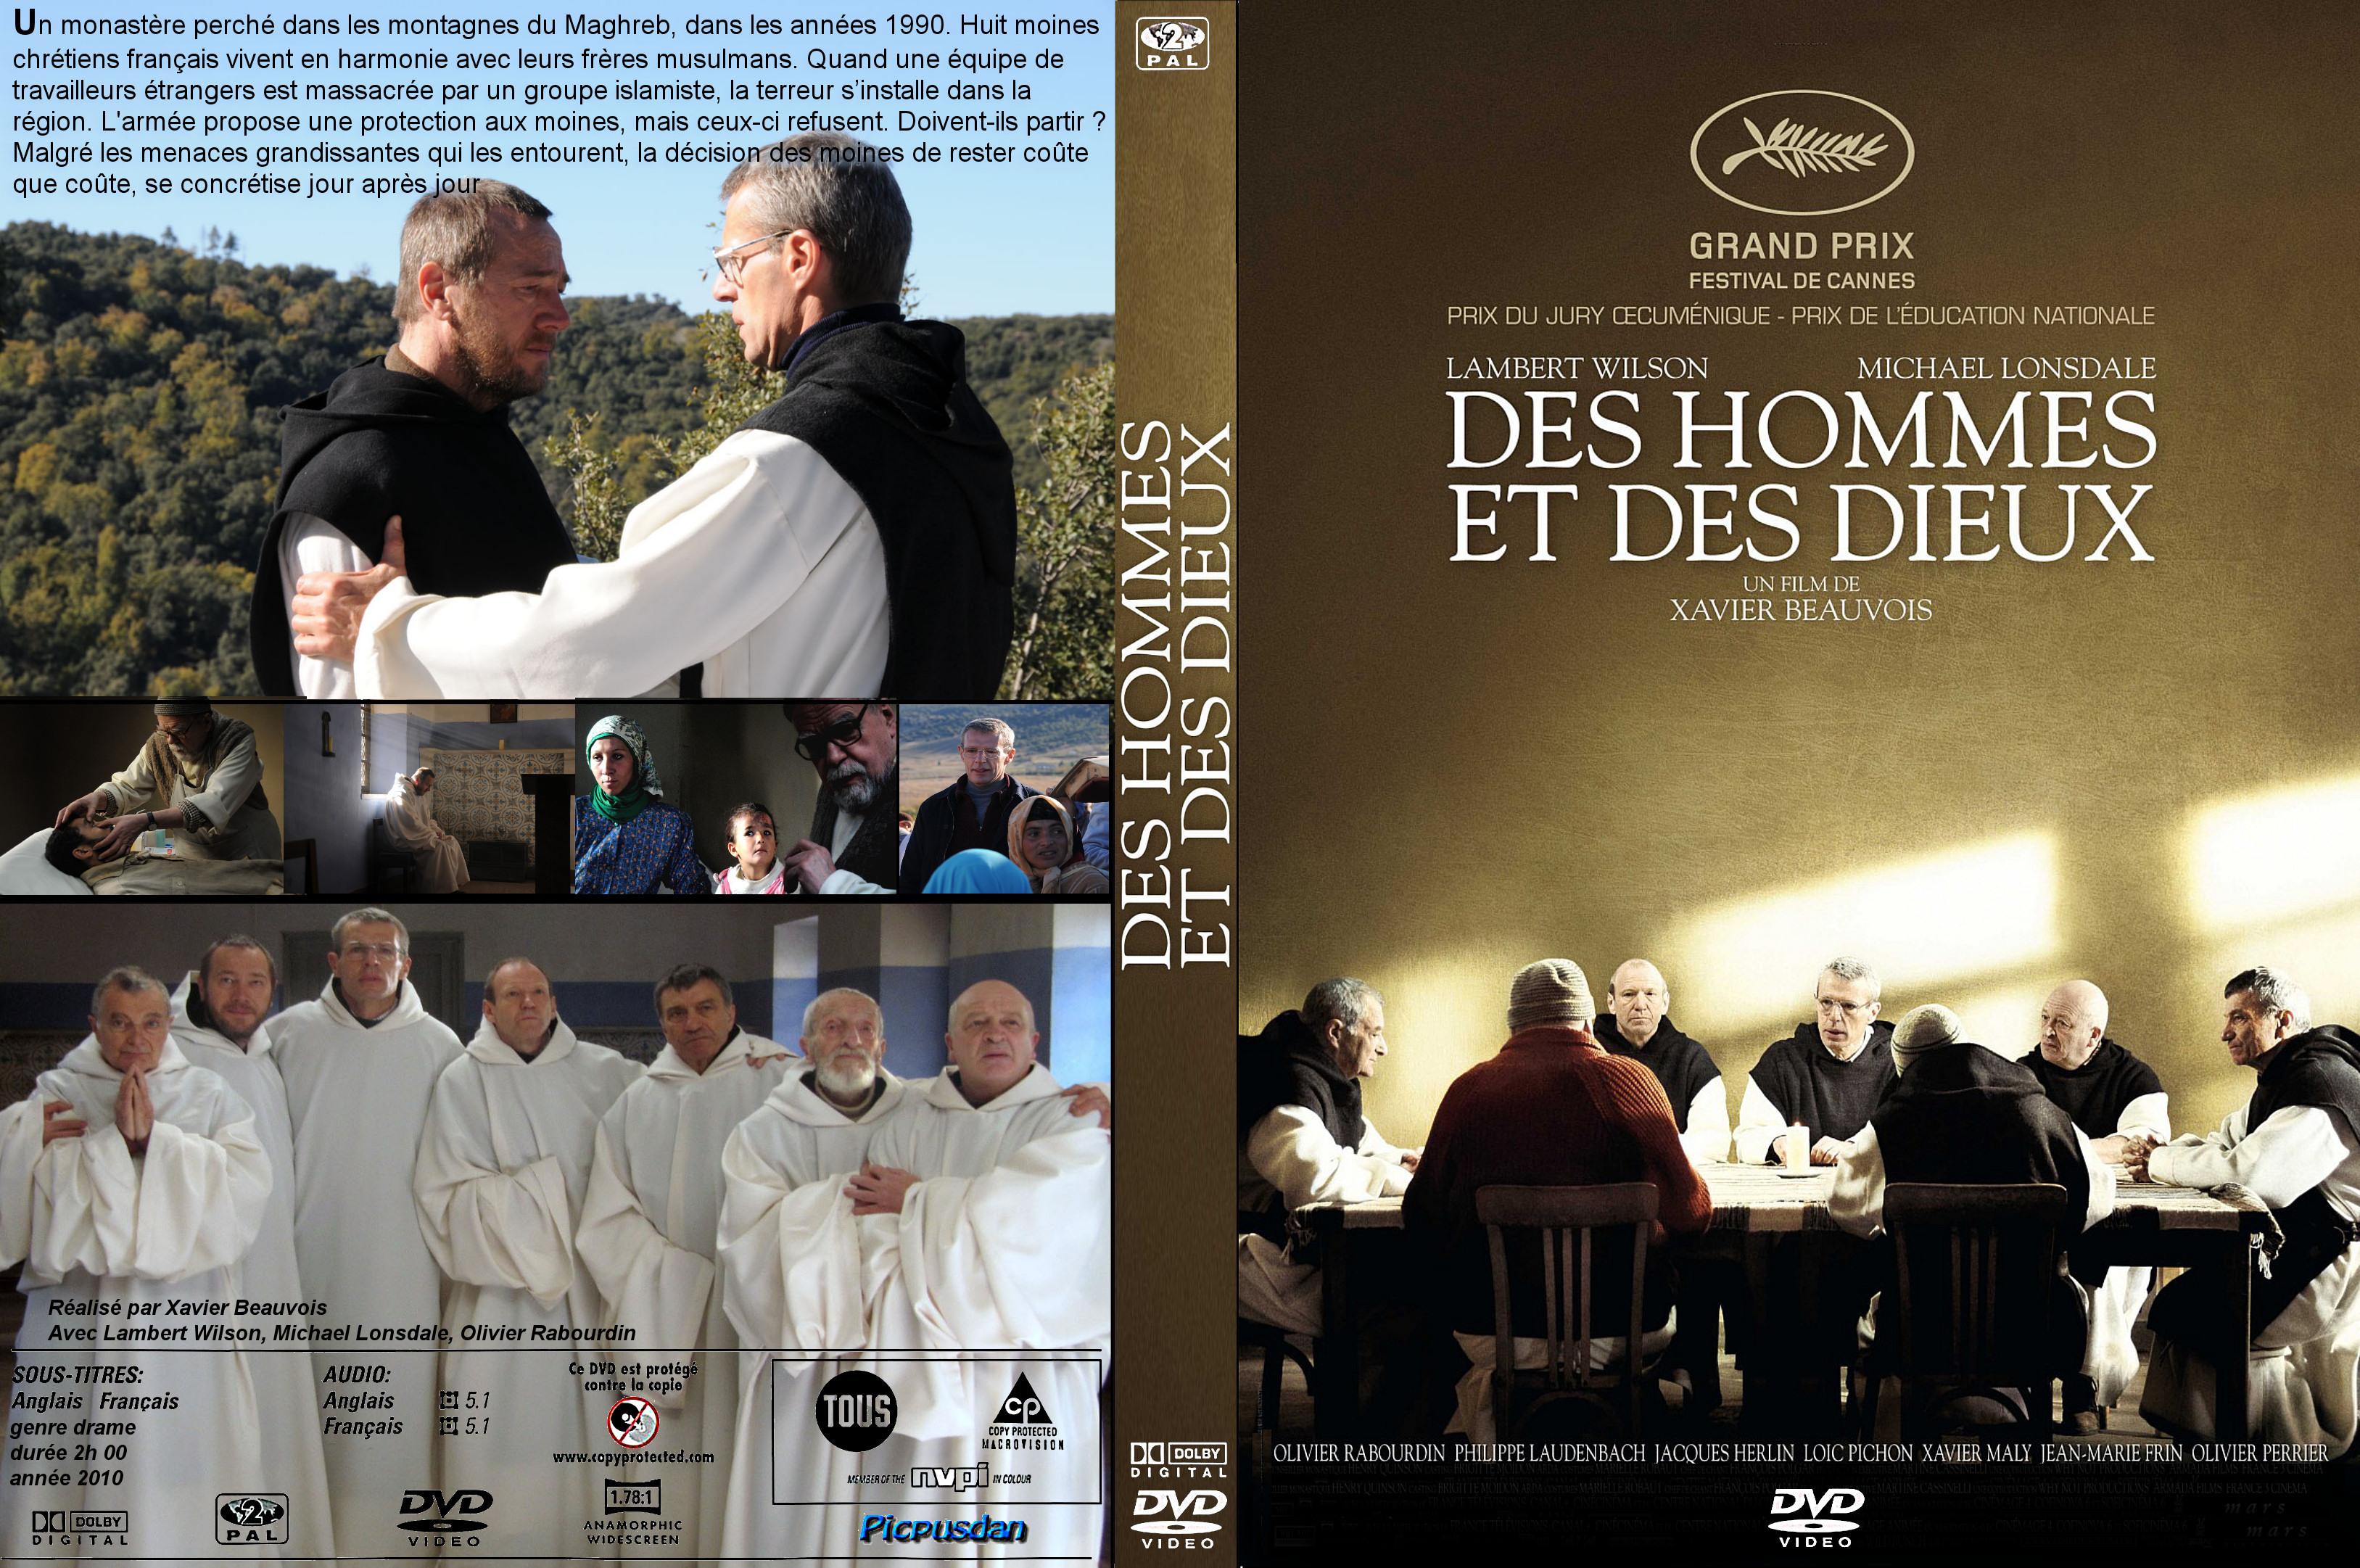 Des hommes, des dieux et l'abbé Salenson